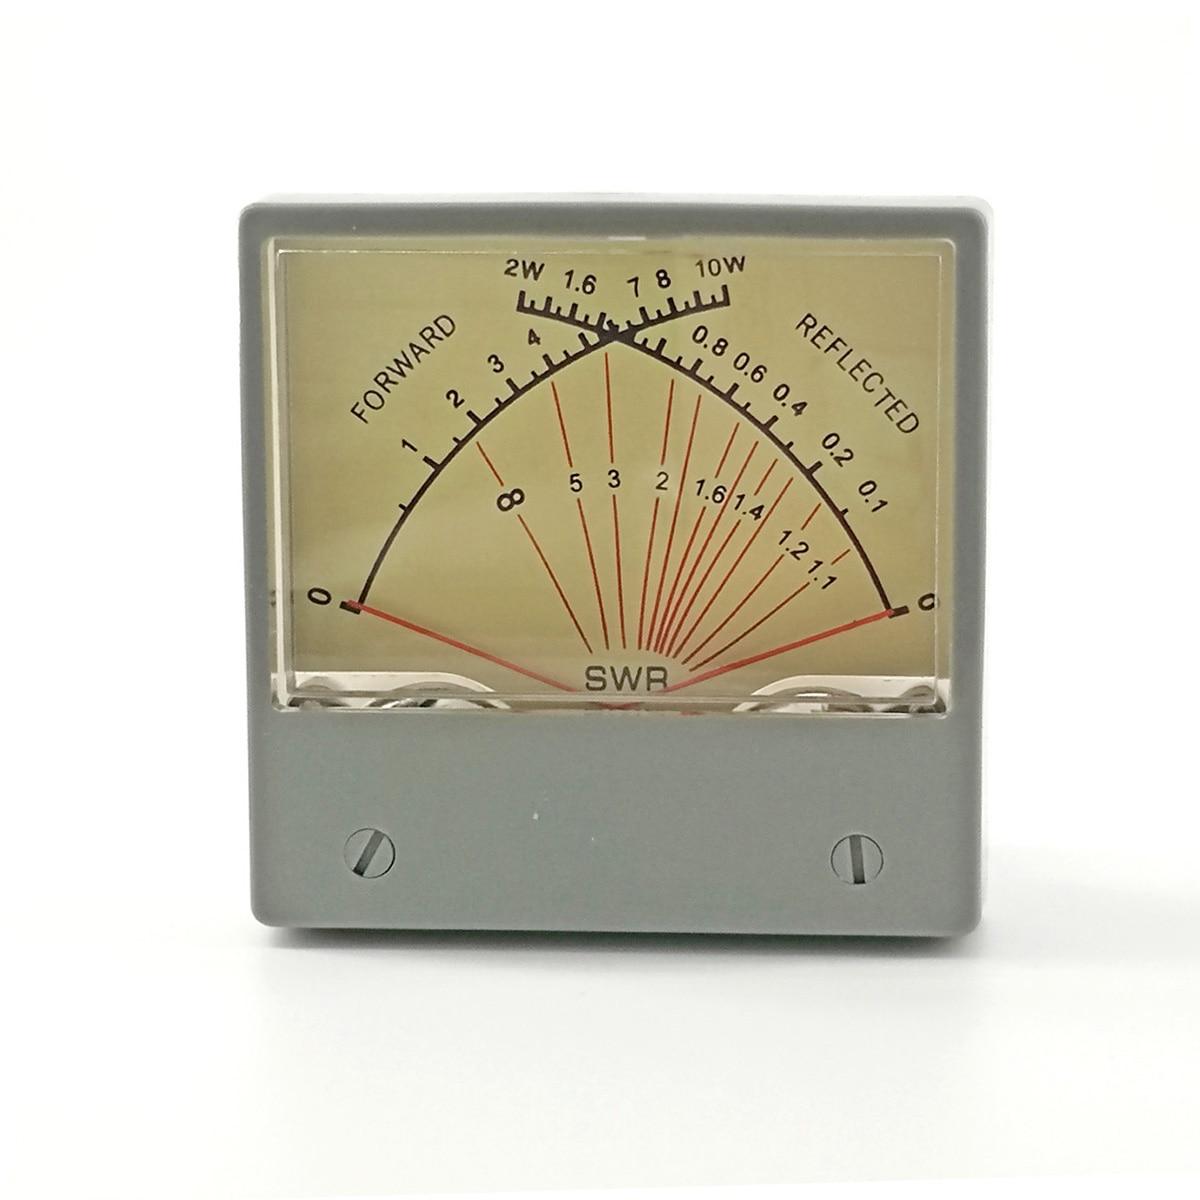 SWR, medidor de relación de onda estacionaria, Forwad 10W, reflexivo, 2W, Panel de doble SZ-70